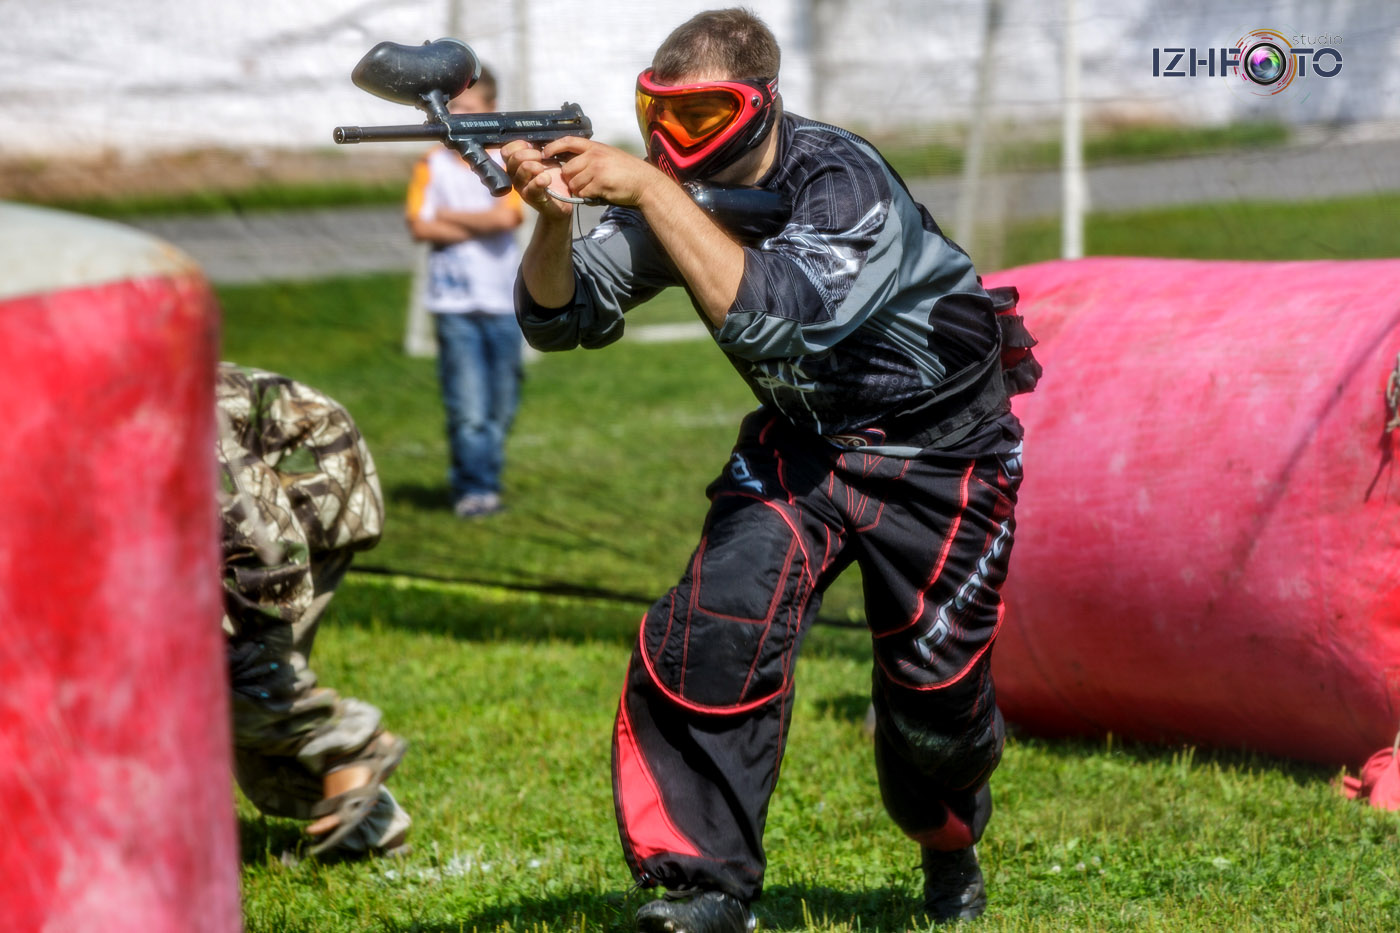 Соревнования по пейнтболу в Ижевске